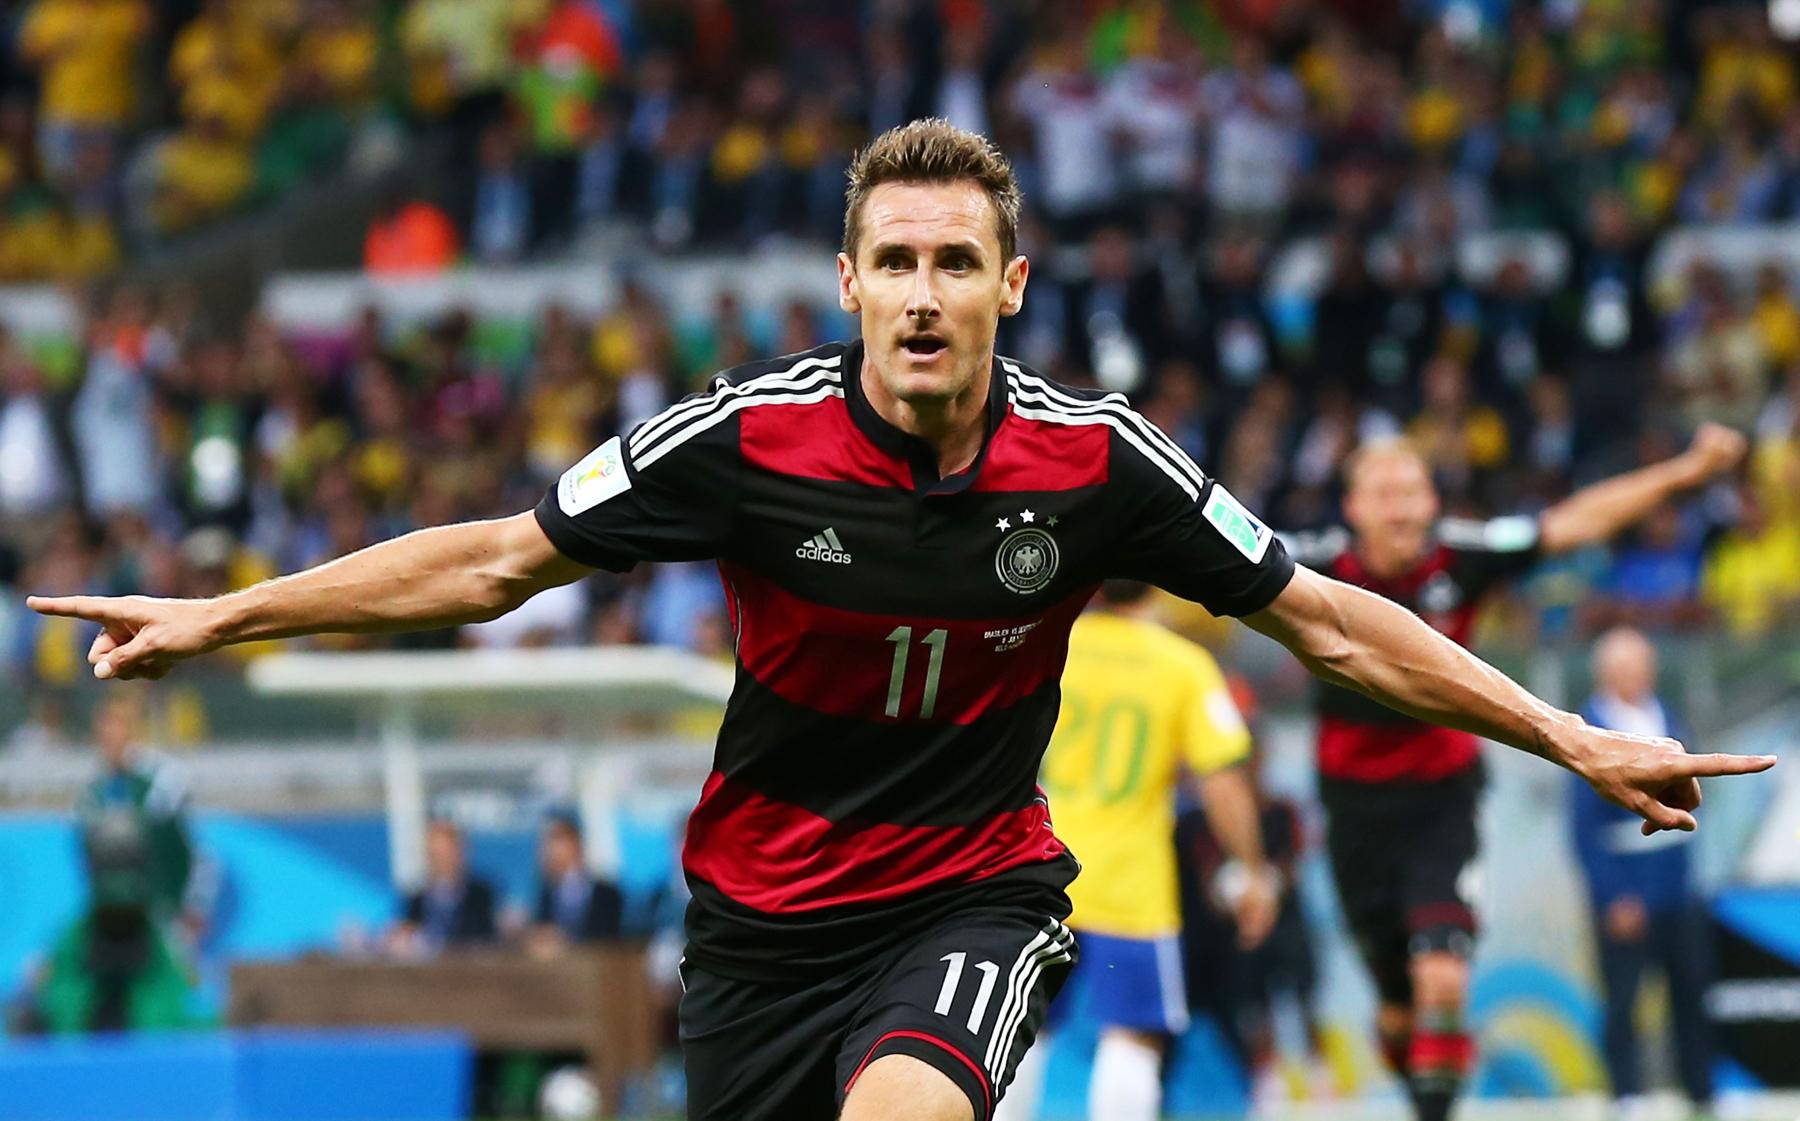 Resultado de imagem para Miroslav Klose copa do mundo 2014